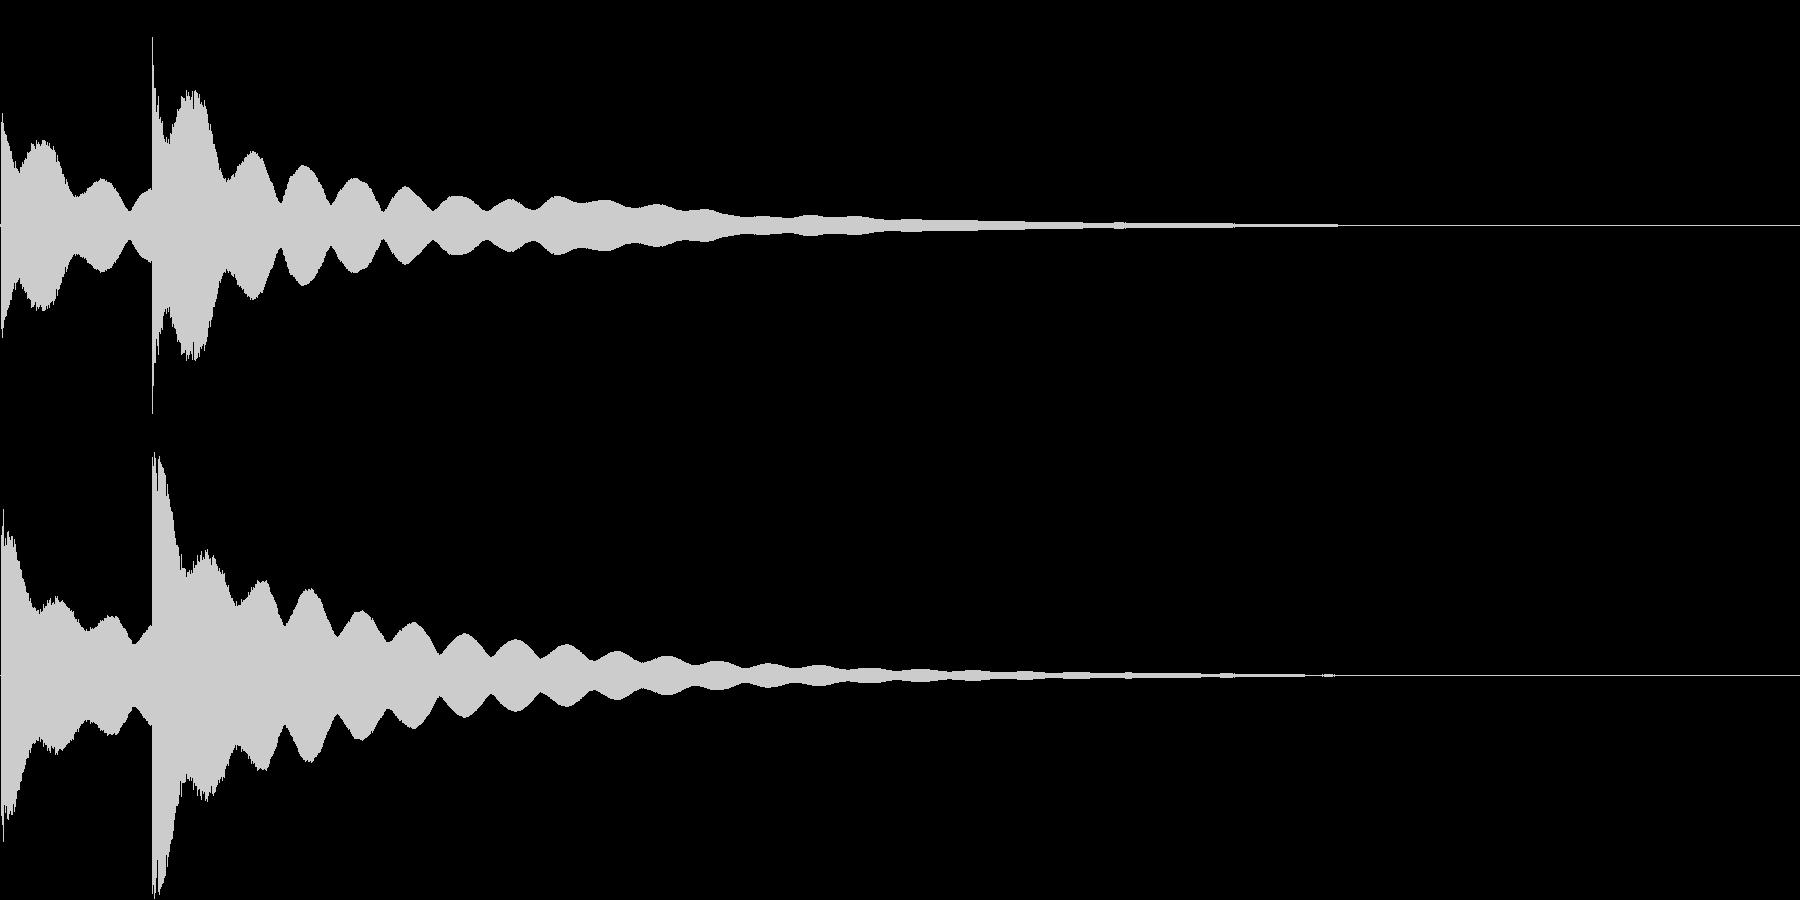 チーンチーン 仏壇の鐘の音5の未再生の波形